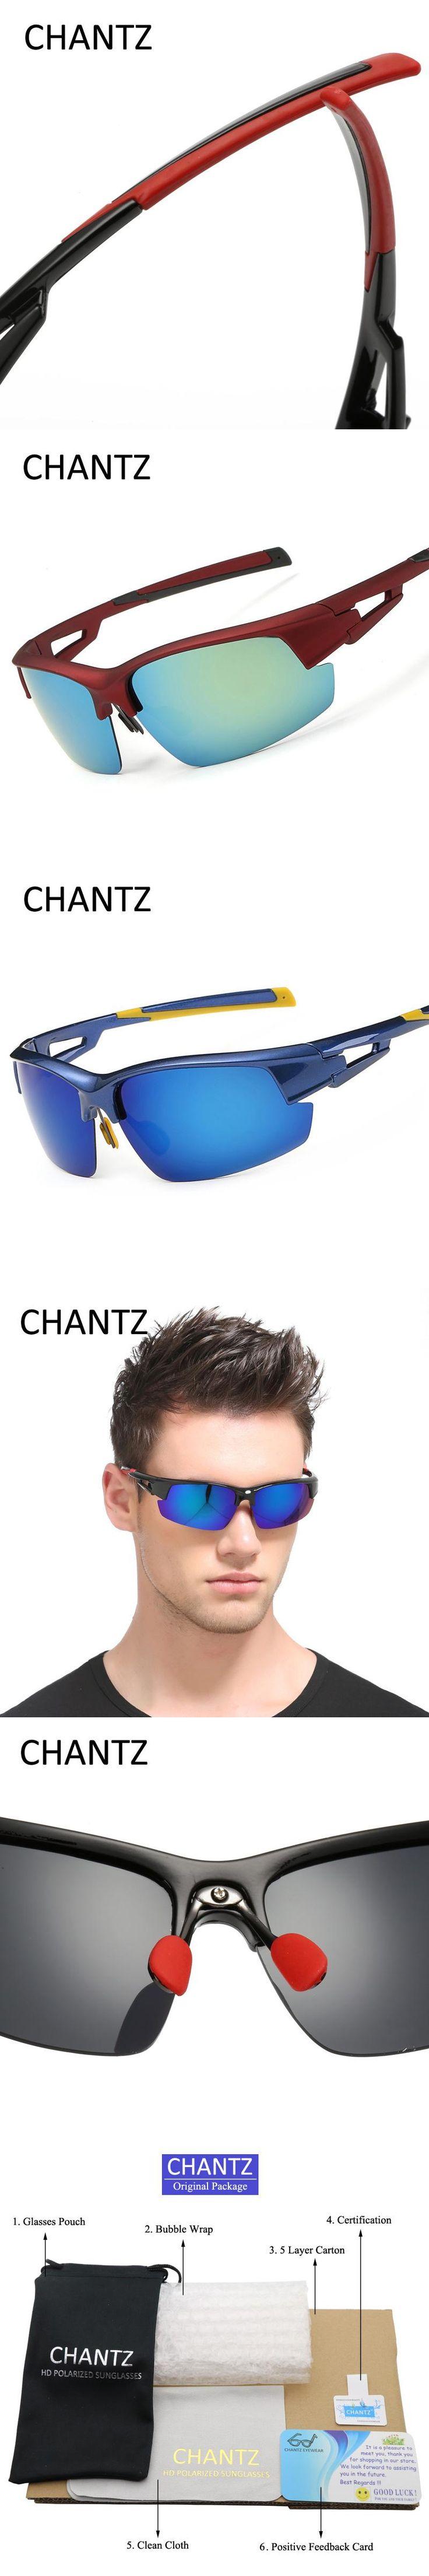 2017 Retro Polarized Goggles for Women Men Brand Driving Sun Glasses UV400 Oversized Sunglasses Lunette De Soleil Homme Femme